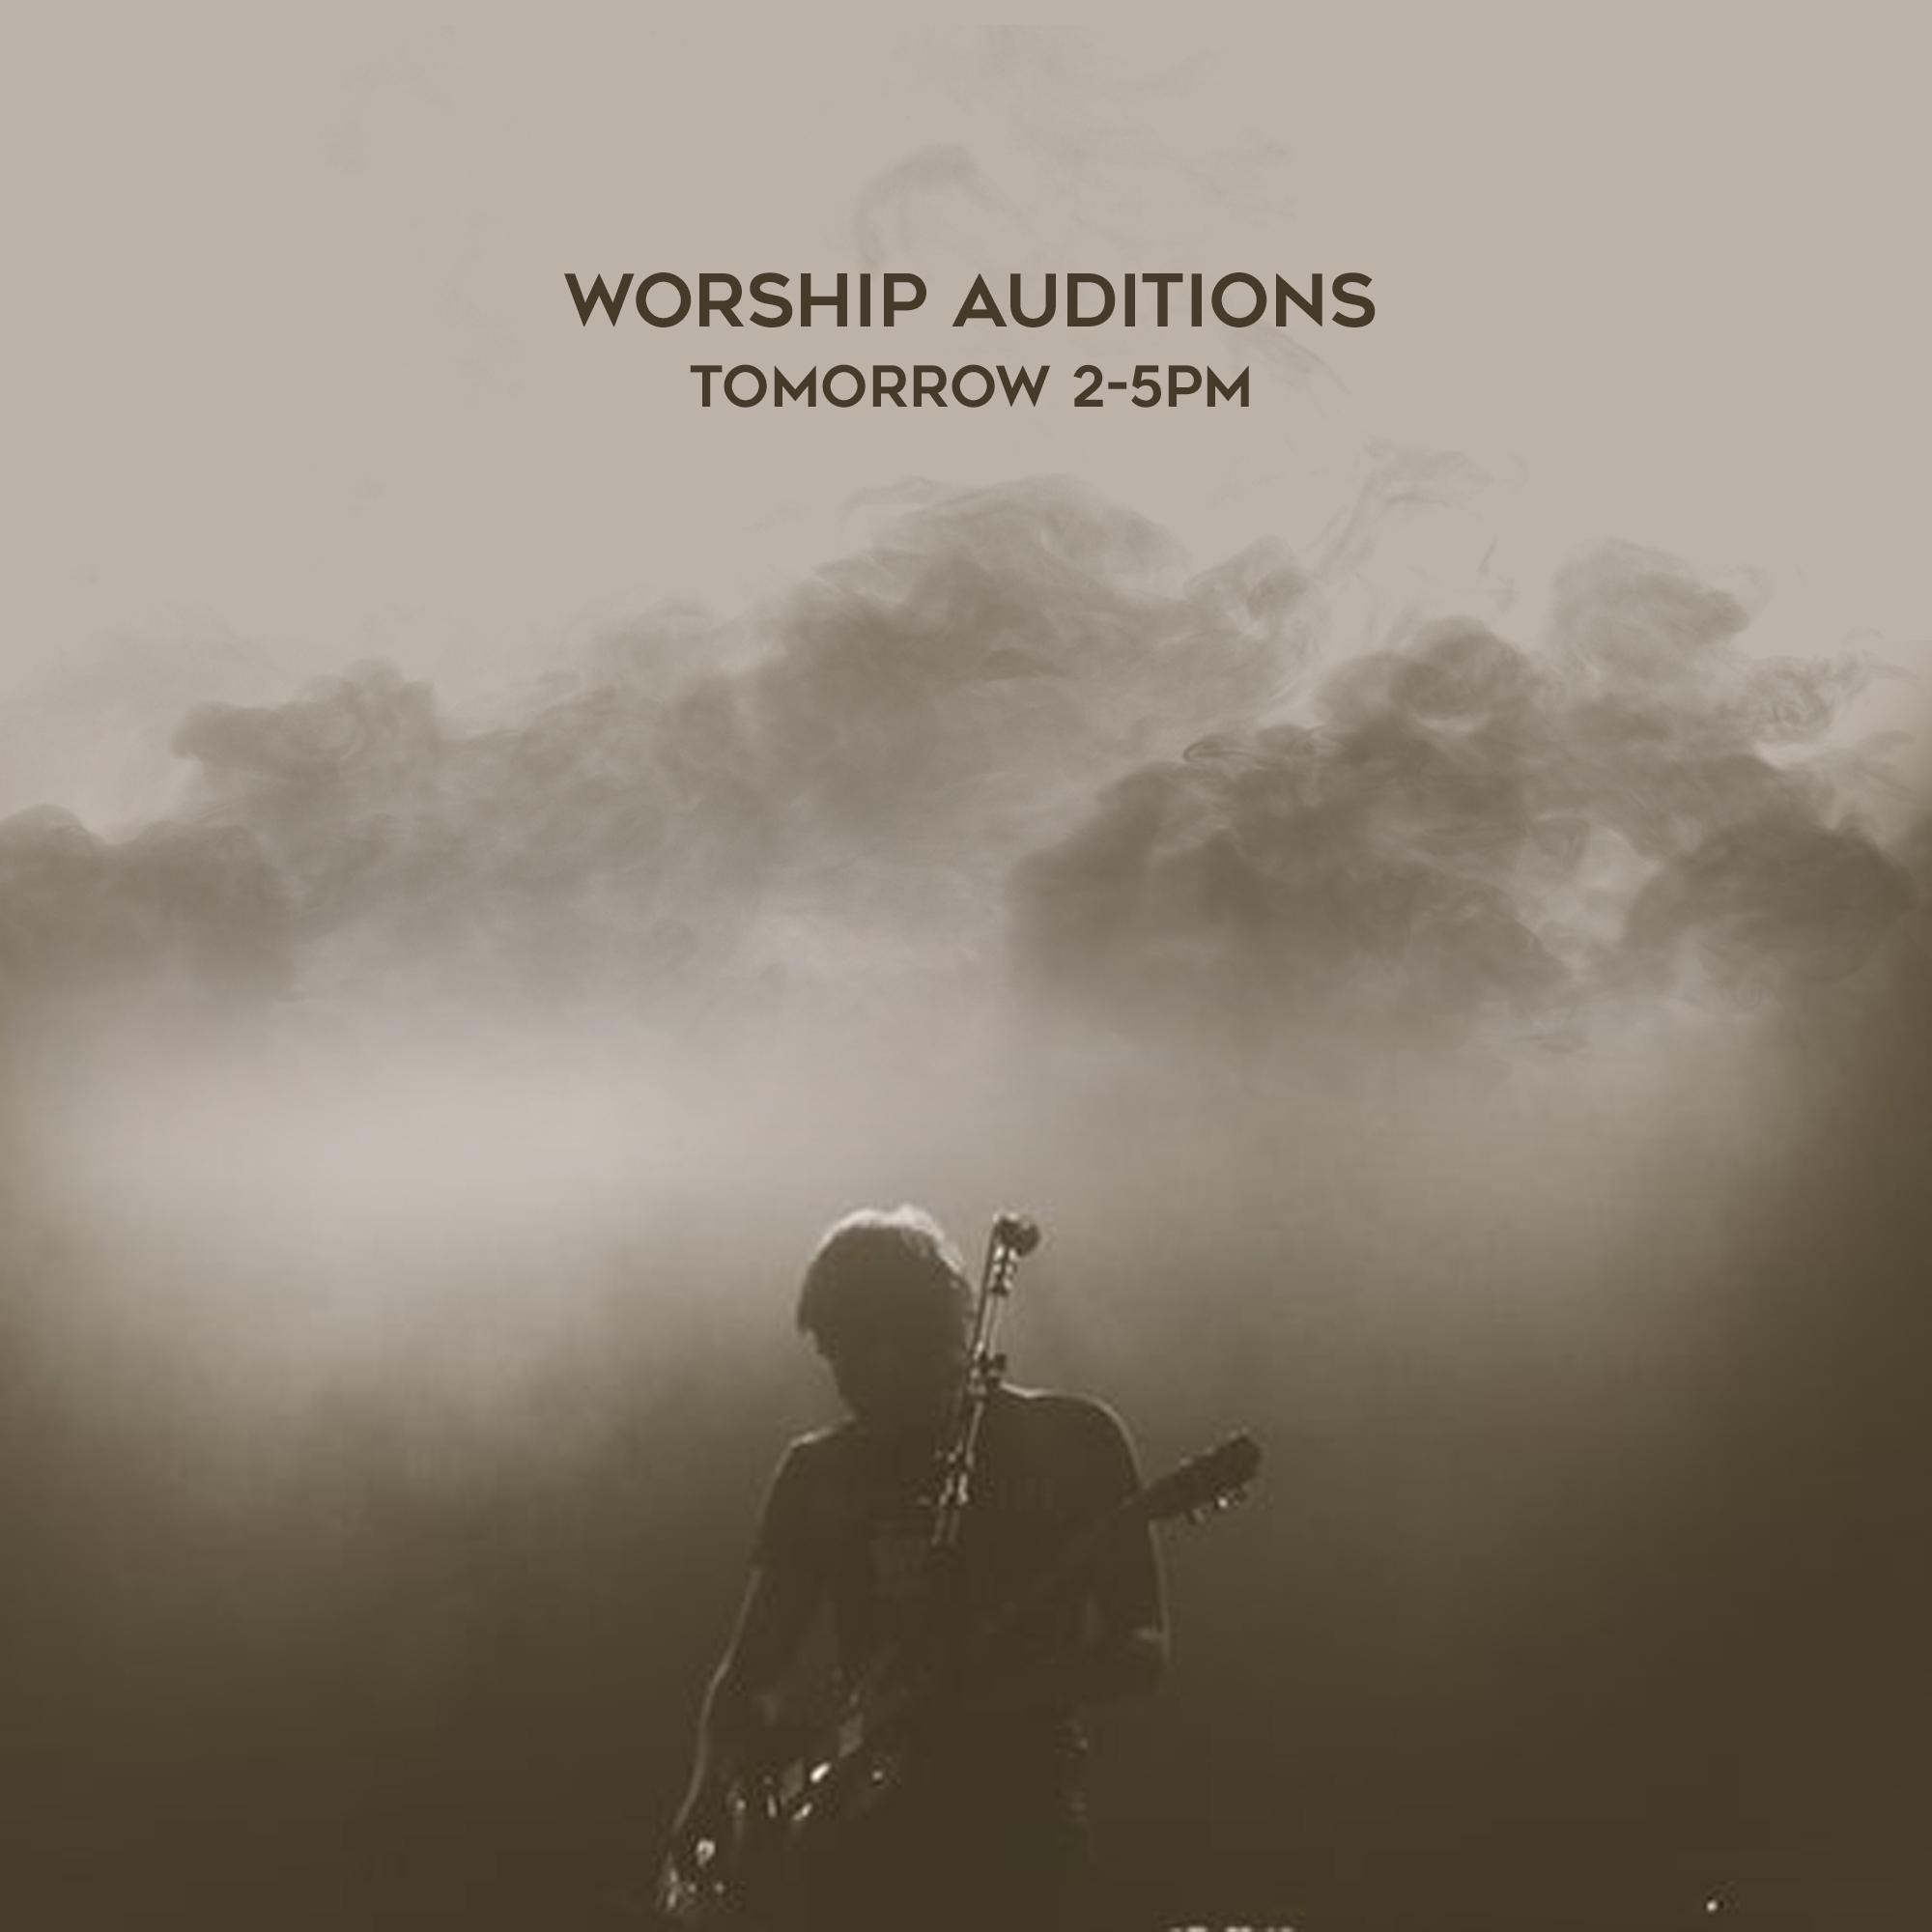 worshipauditions.jpg